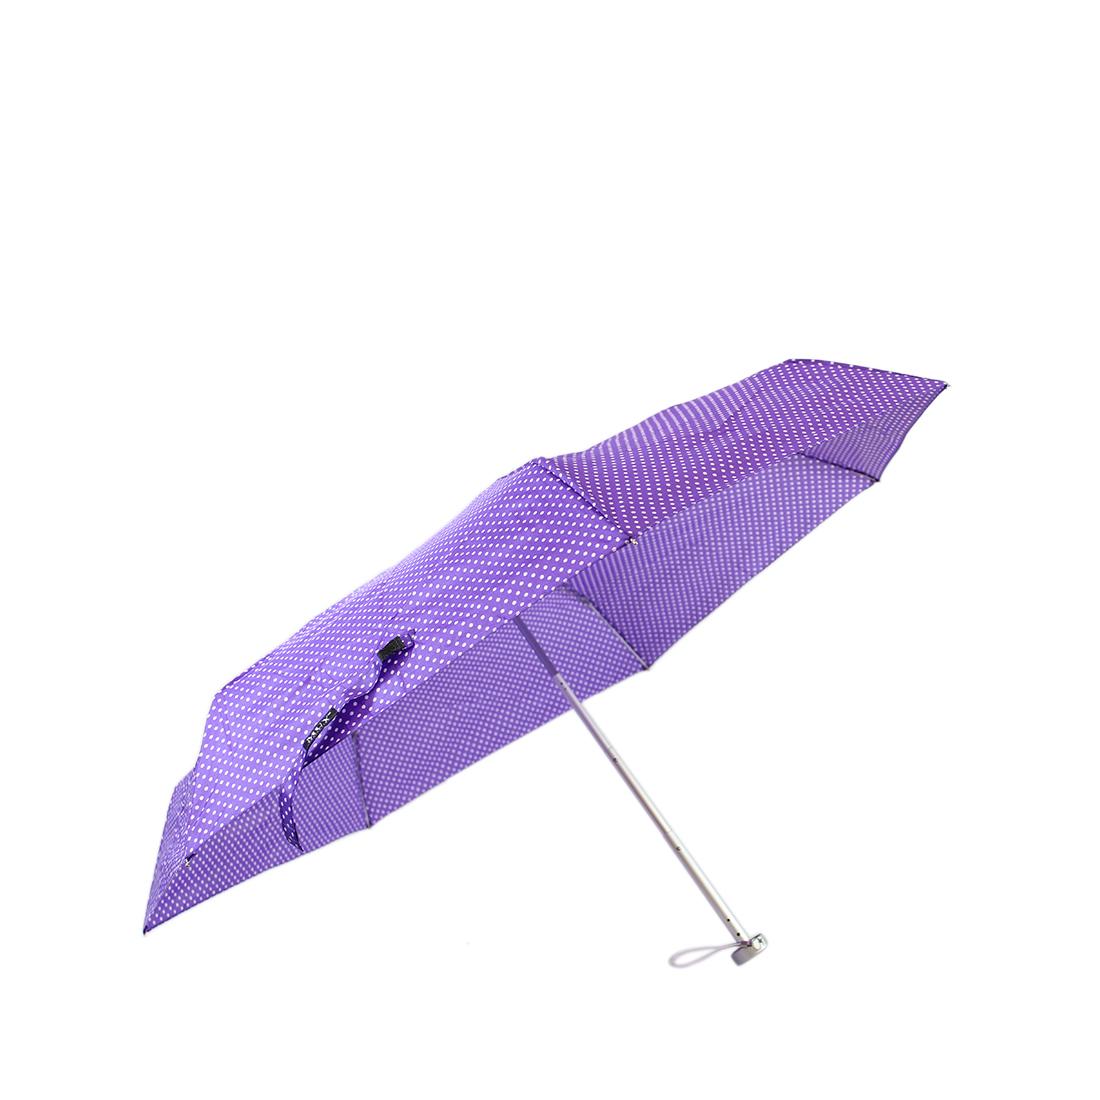 Super small umbrella with polka dots